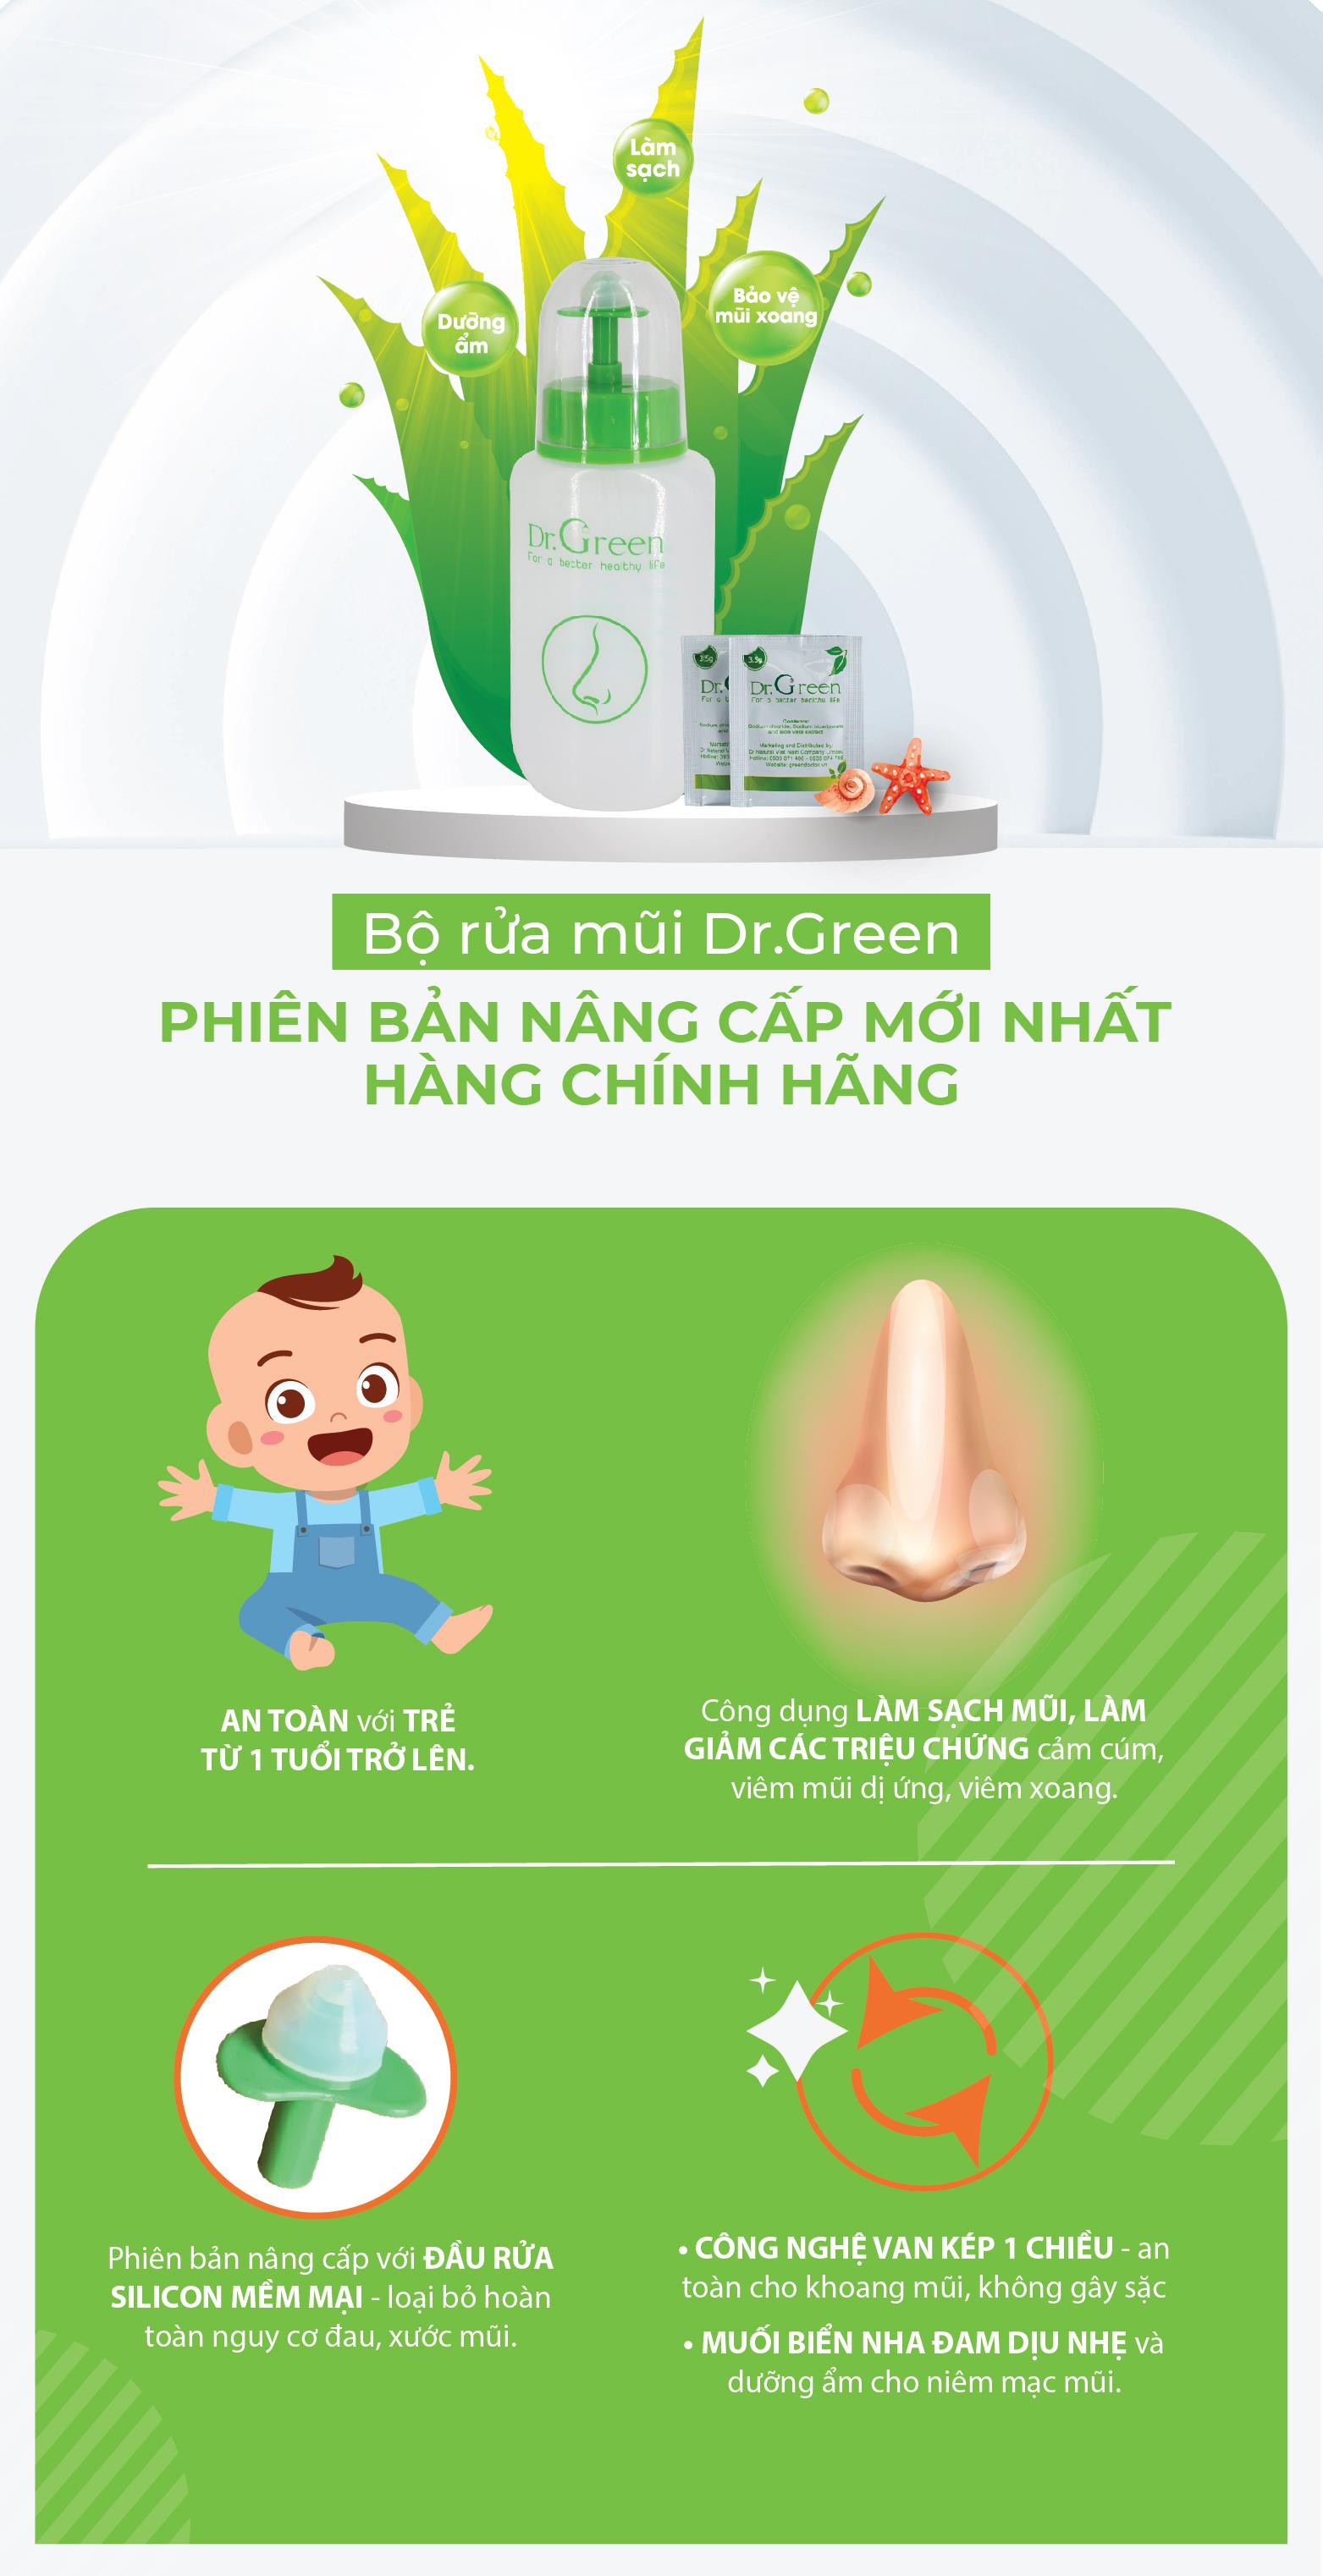 Combo Bình rửa mũi Dr.Green (2 bình kèm 30 gói muối nha đam), Đầu rửa silicone mềm mại, công nghệ van kép 1 chiều chống sặc, điều trị viêm mũi, sổ mũi, viêm mũi dị ứng, viêm xoang 1